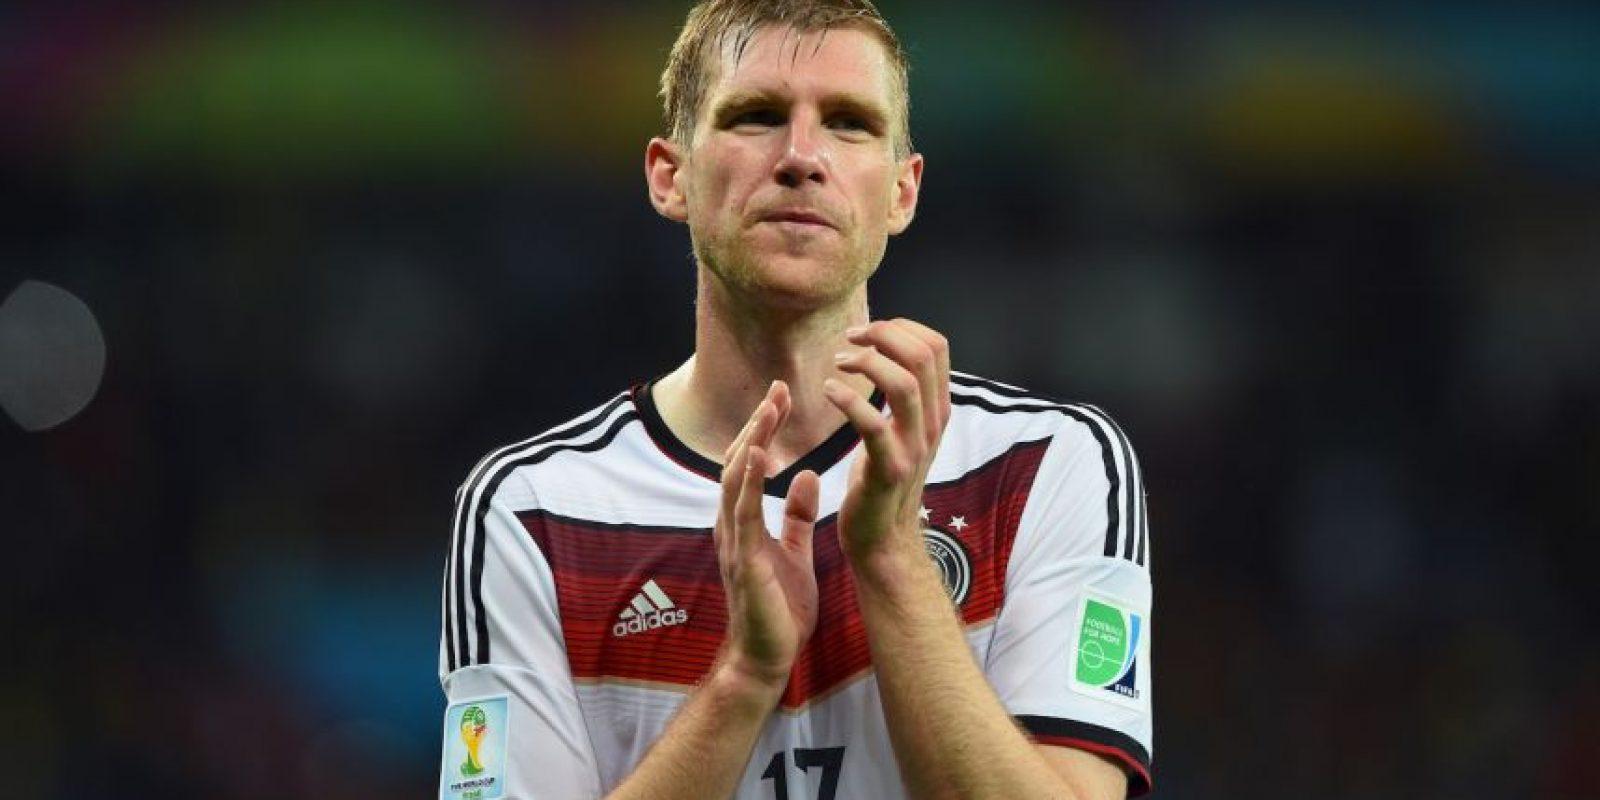 """El defensa dijo adiós a la """"Mannschaft"""" tras ganar en Brasil 2014, con sólo 29 años. La razón que dio fue que desea concentrarse en su club, el Arsenal, para ganar la Liga y la Champions League."""